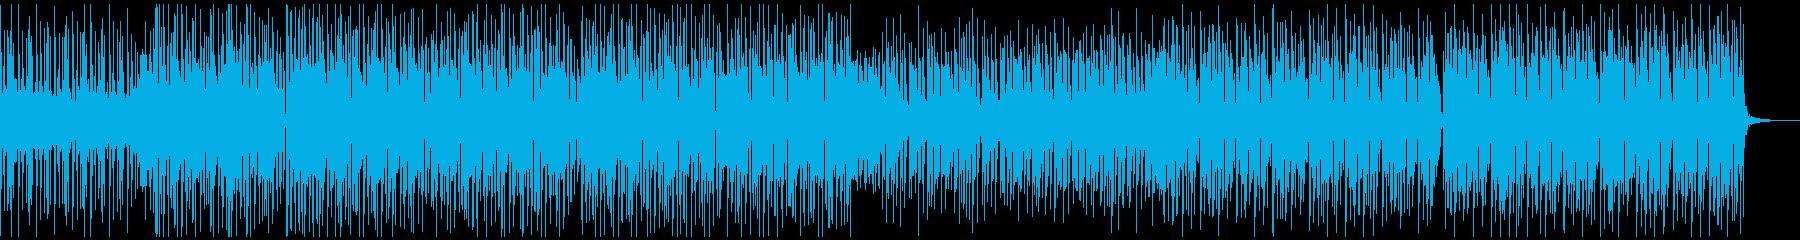 OP向けギターを使ったUK Garageの再生済みの波形